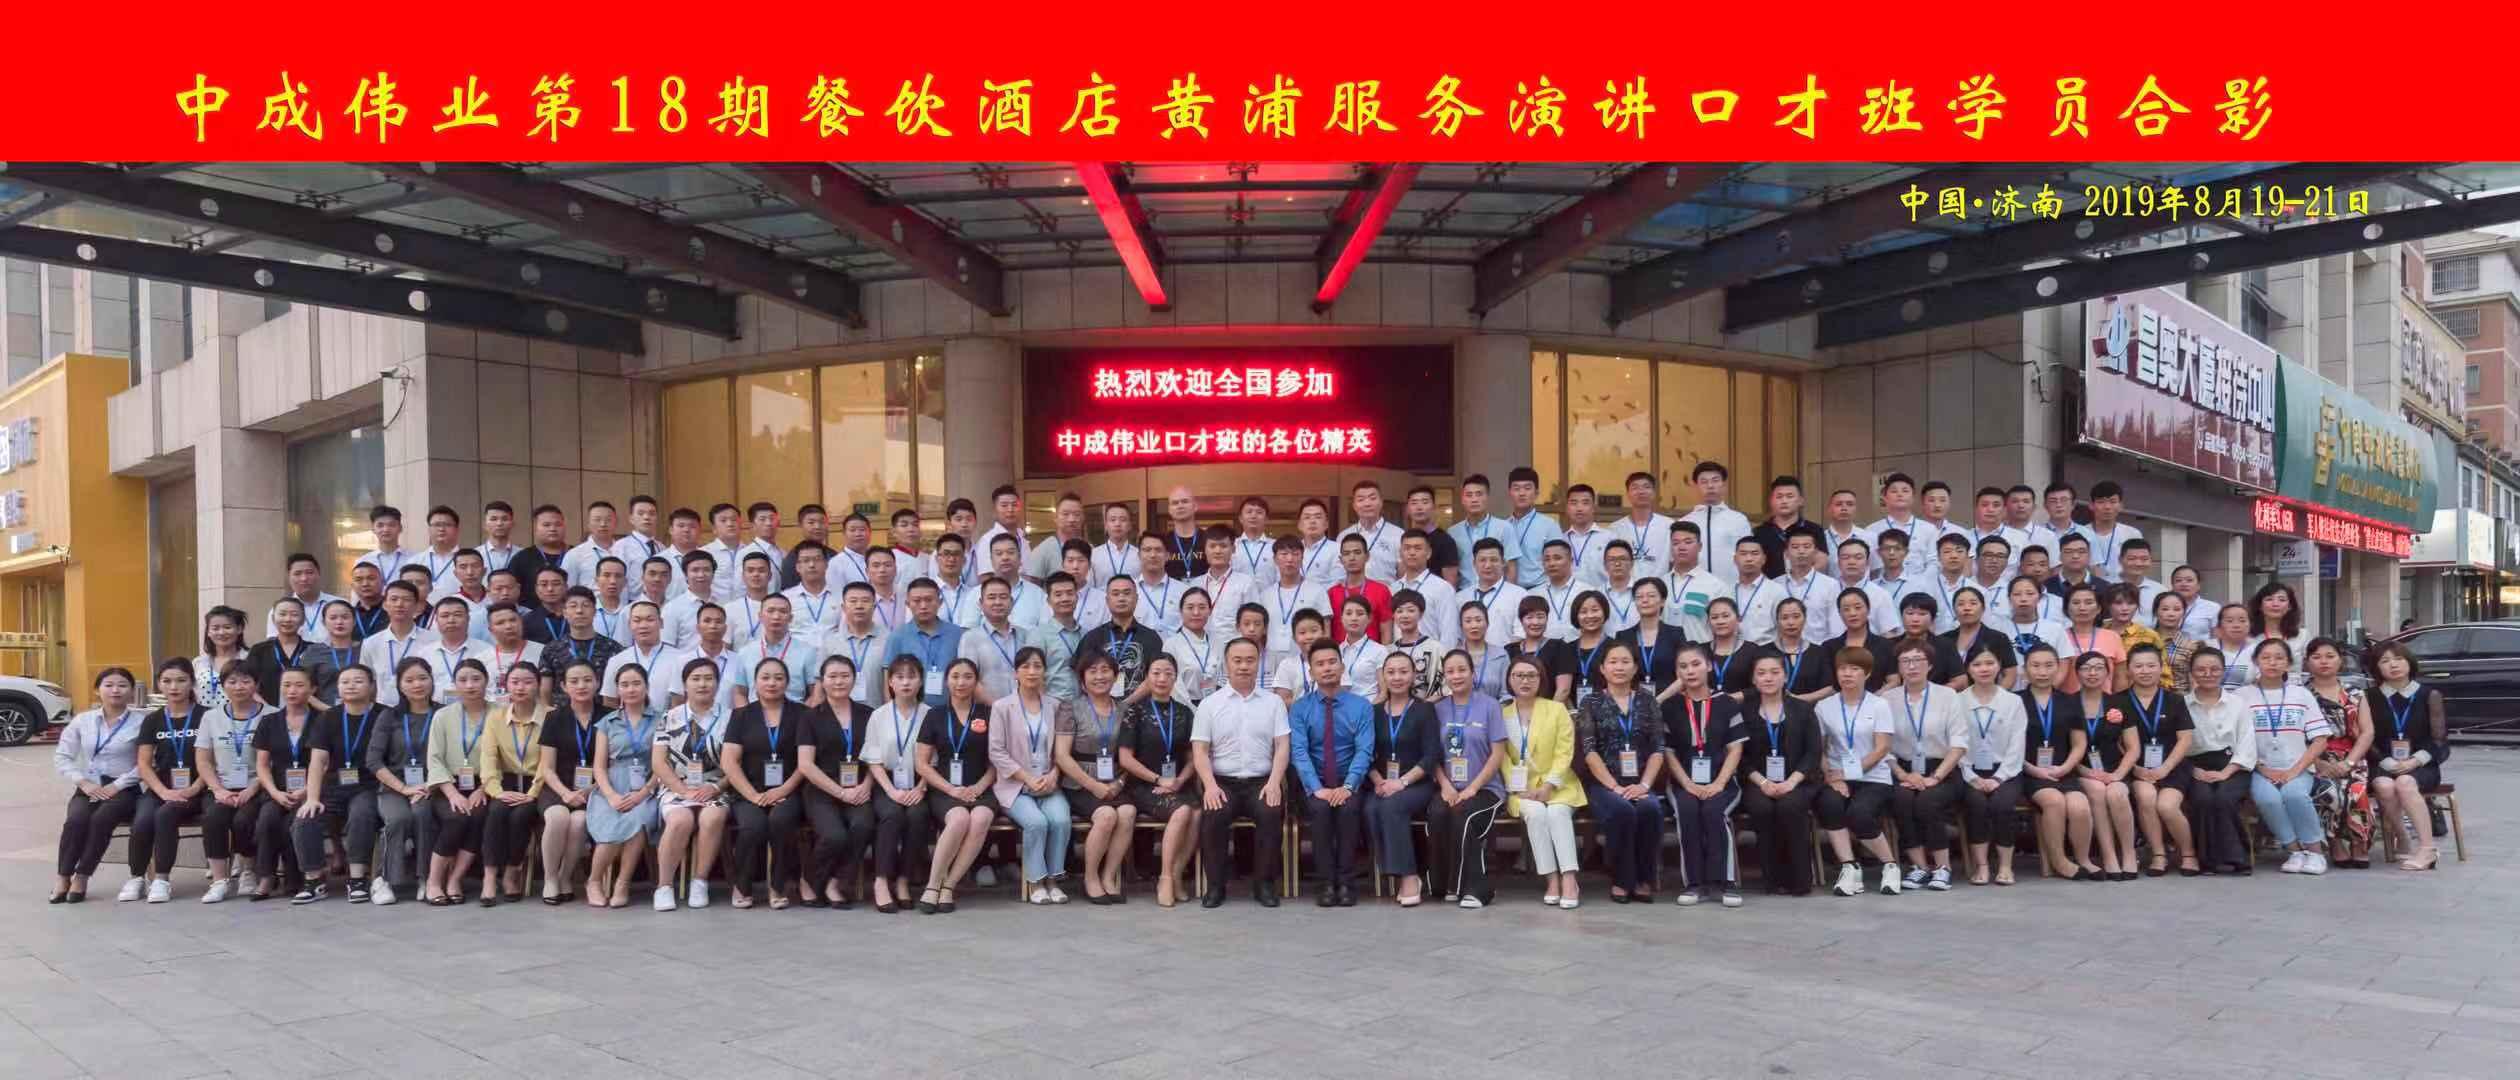 2019年8月19-21日中成伟业在齐河成功举办第18期黄埔演讲口才班课程